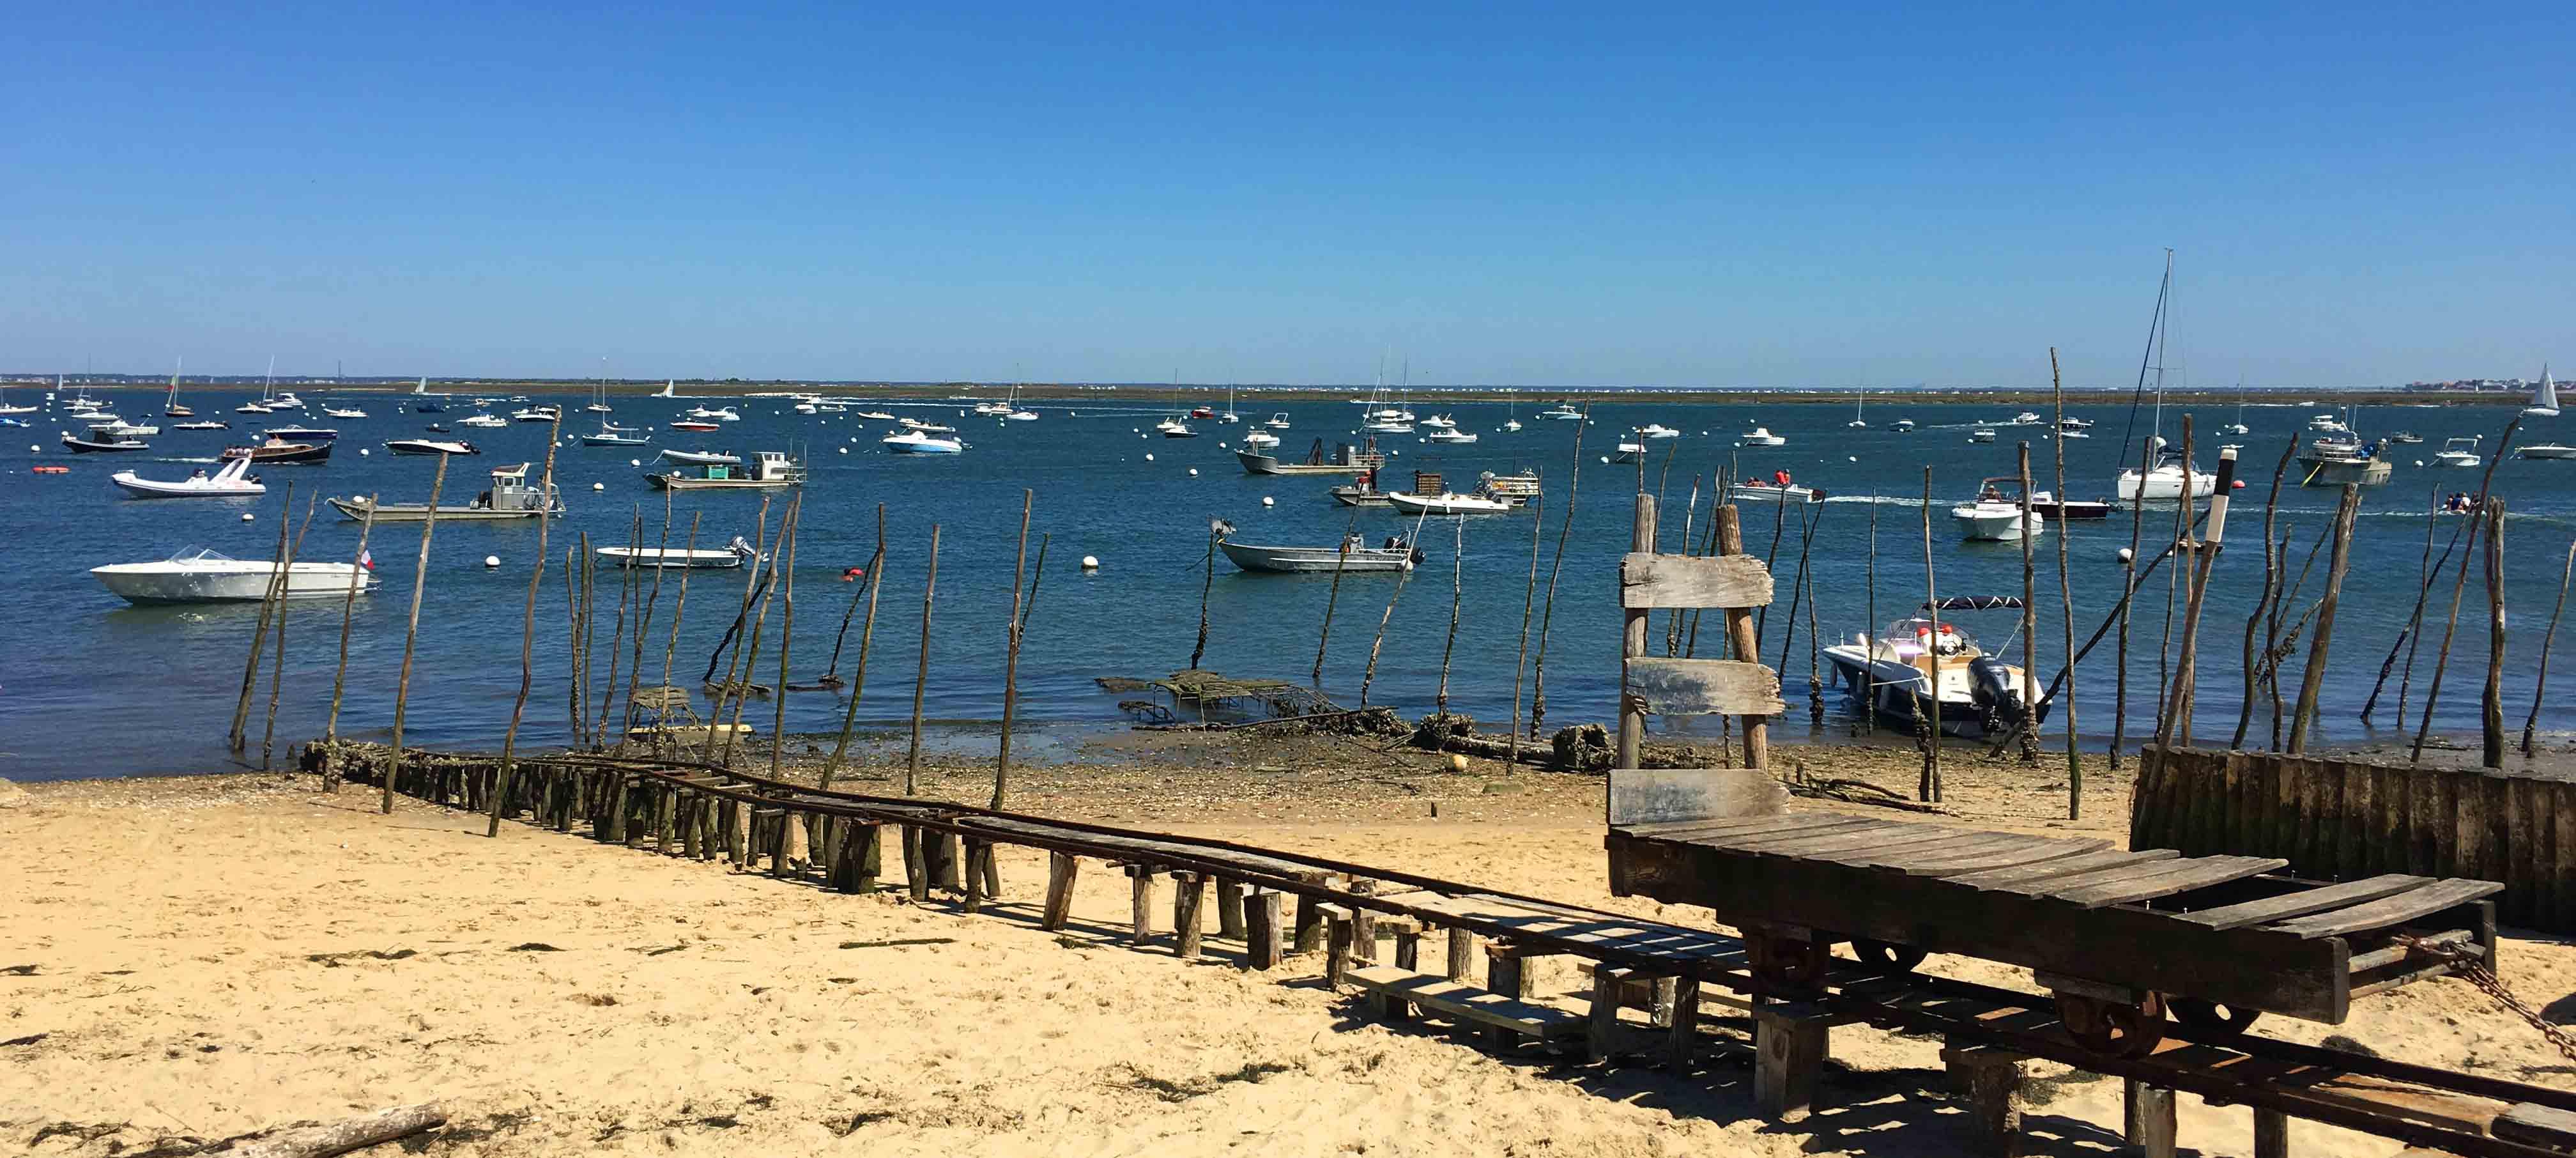 Village de l'Herbe port - Bassin d'Arcachon